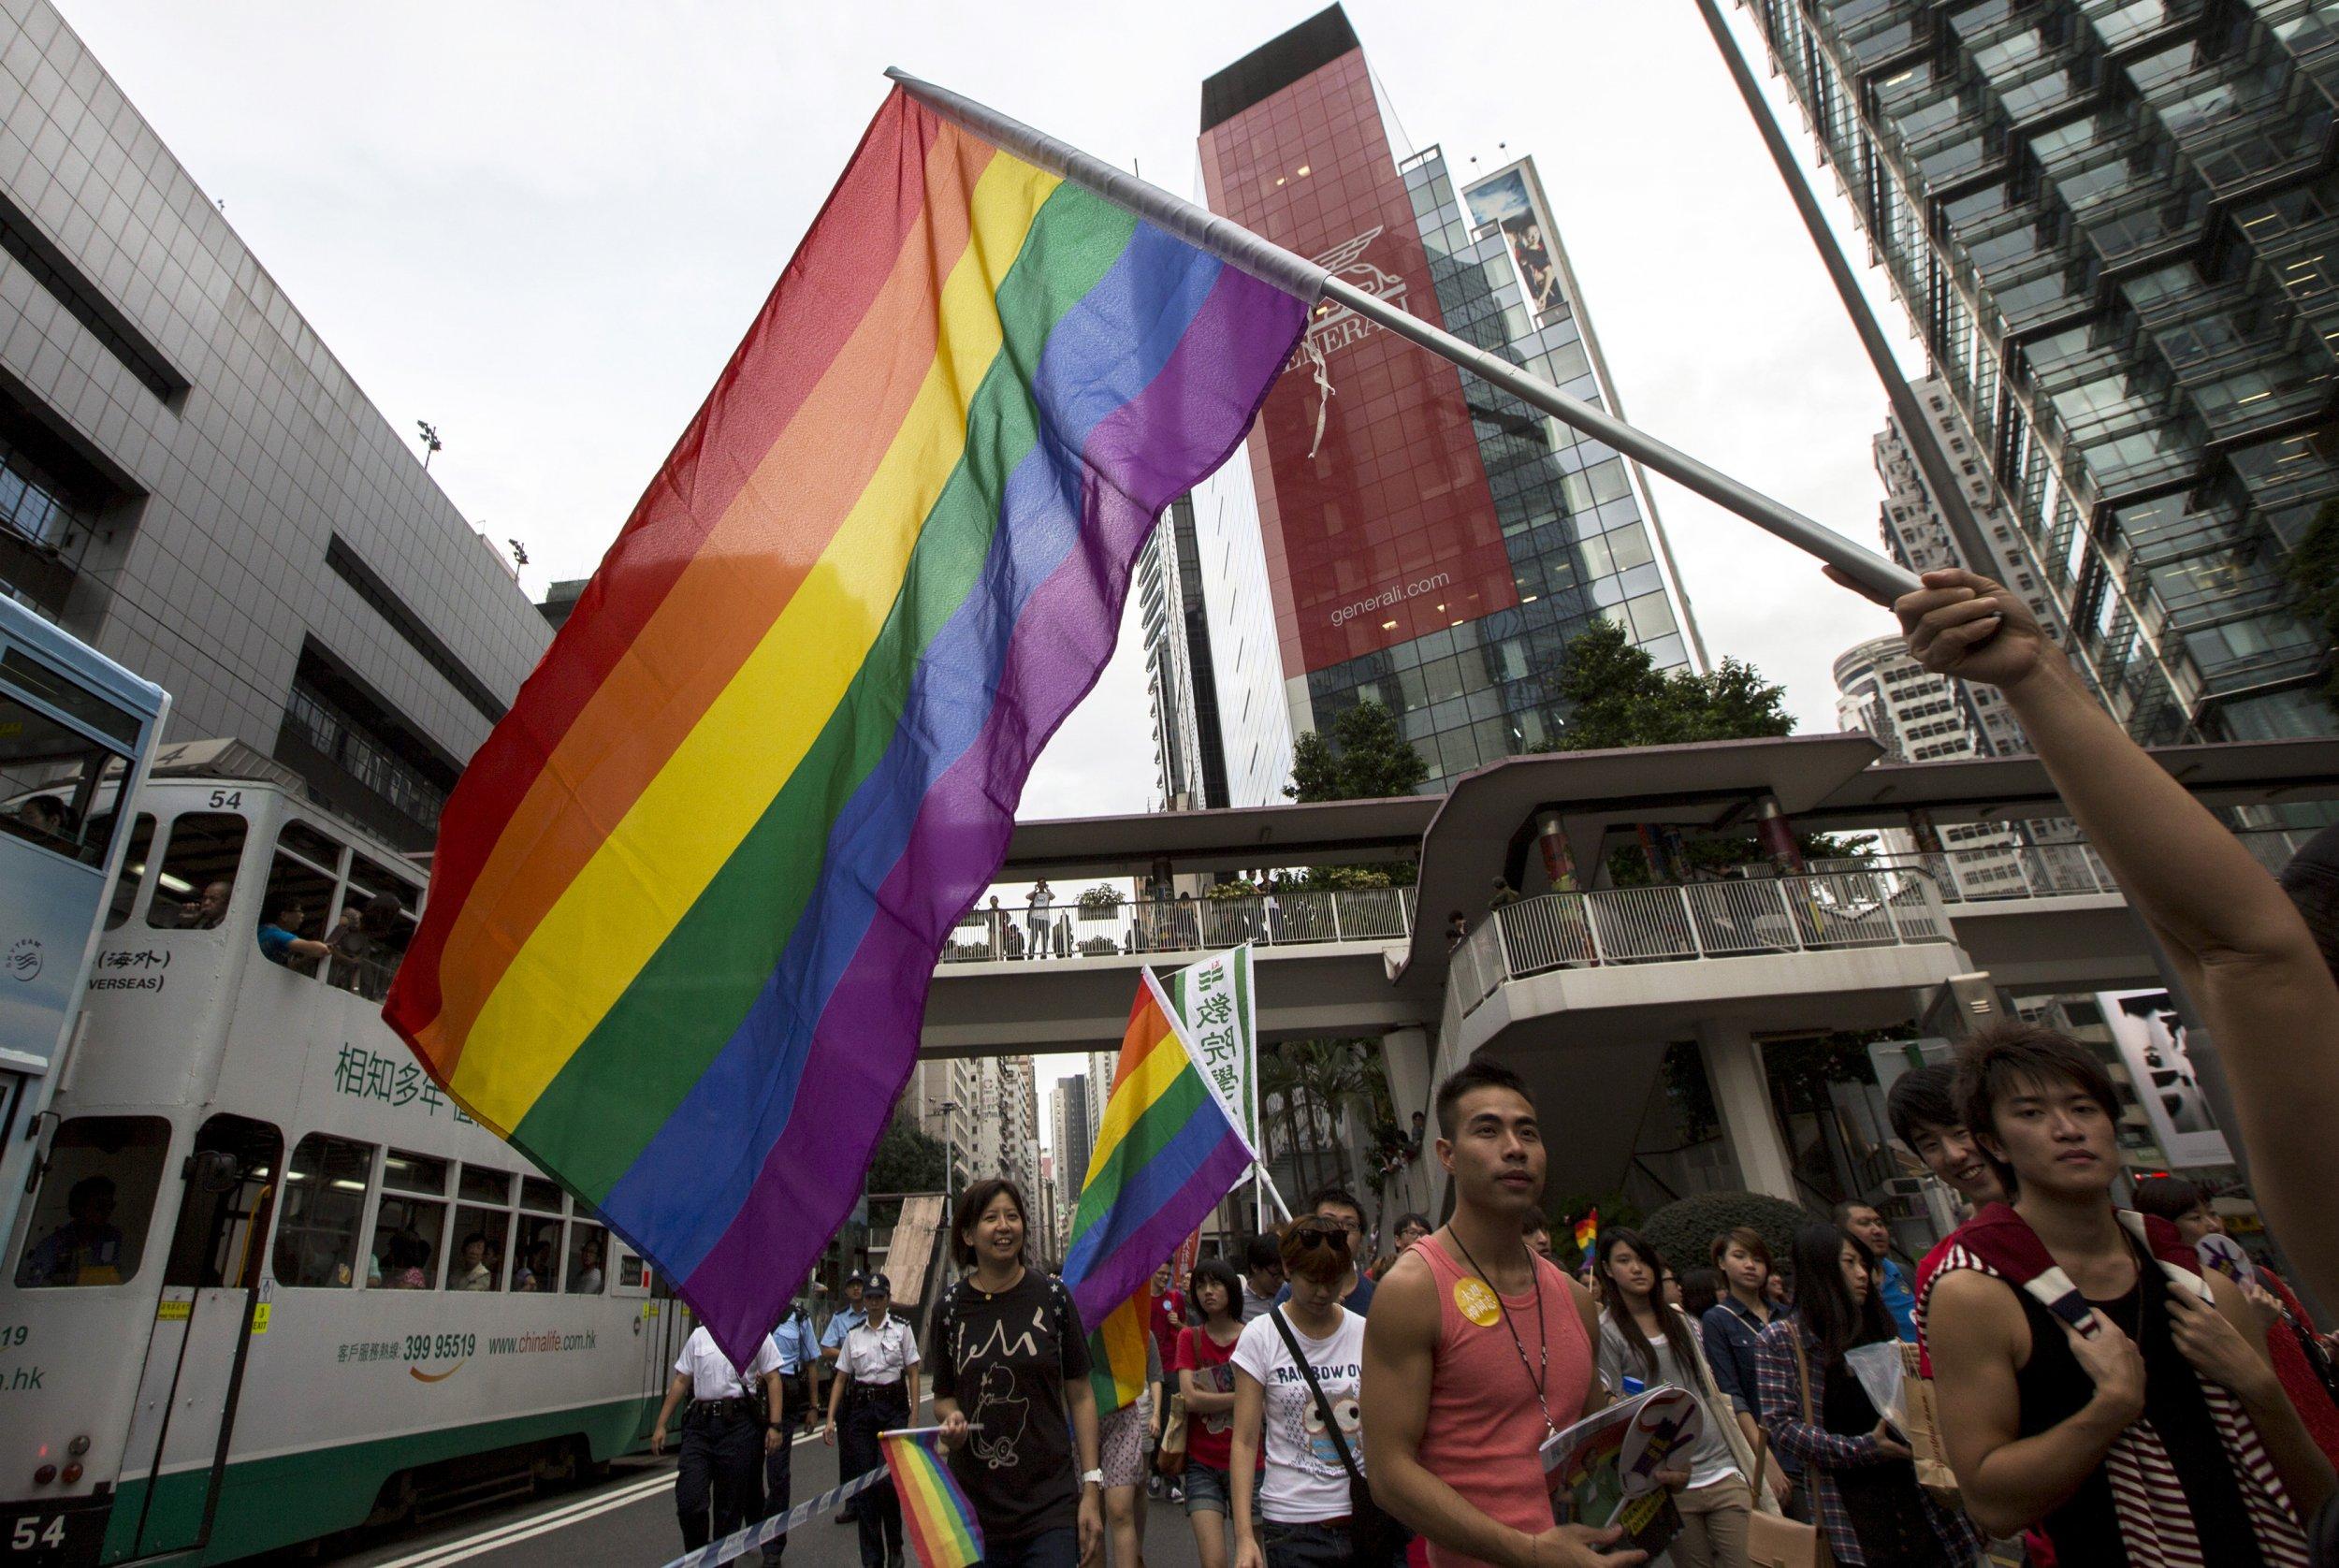 Pride hong kong 2013